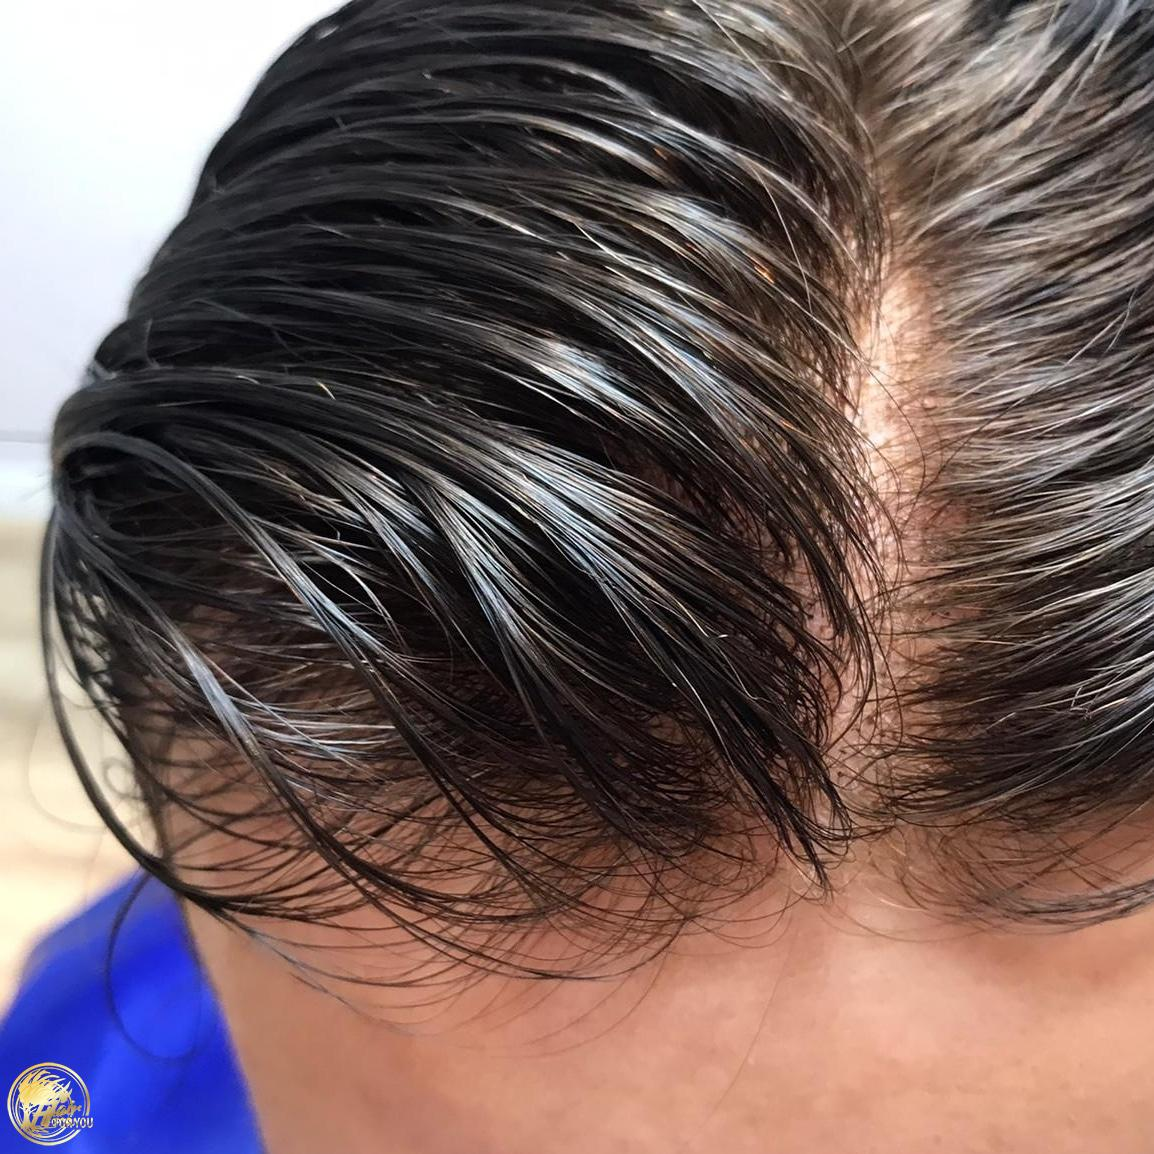 Protez saçın ömrü ne kadardır?